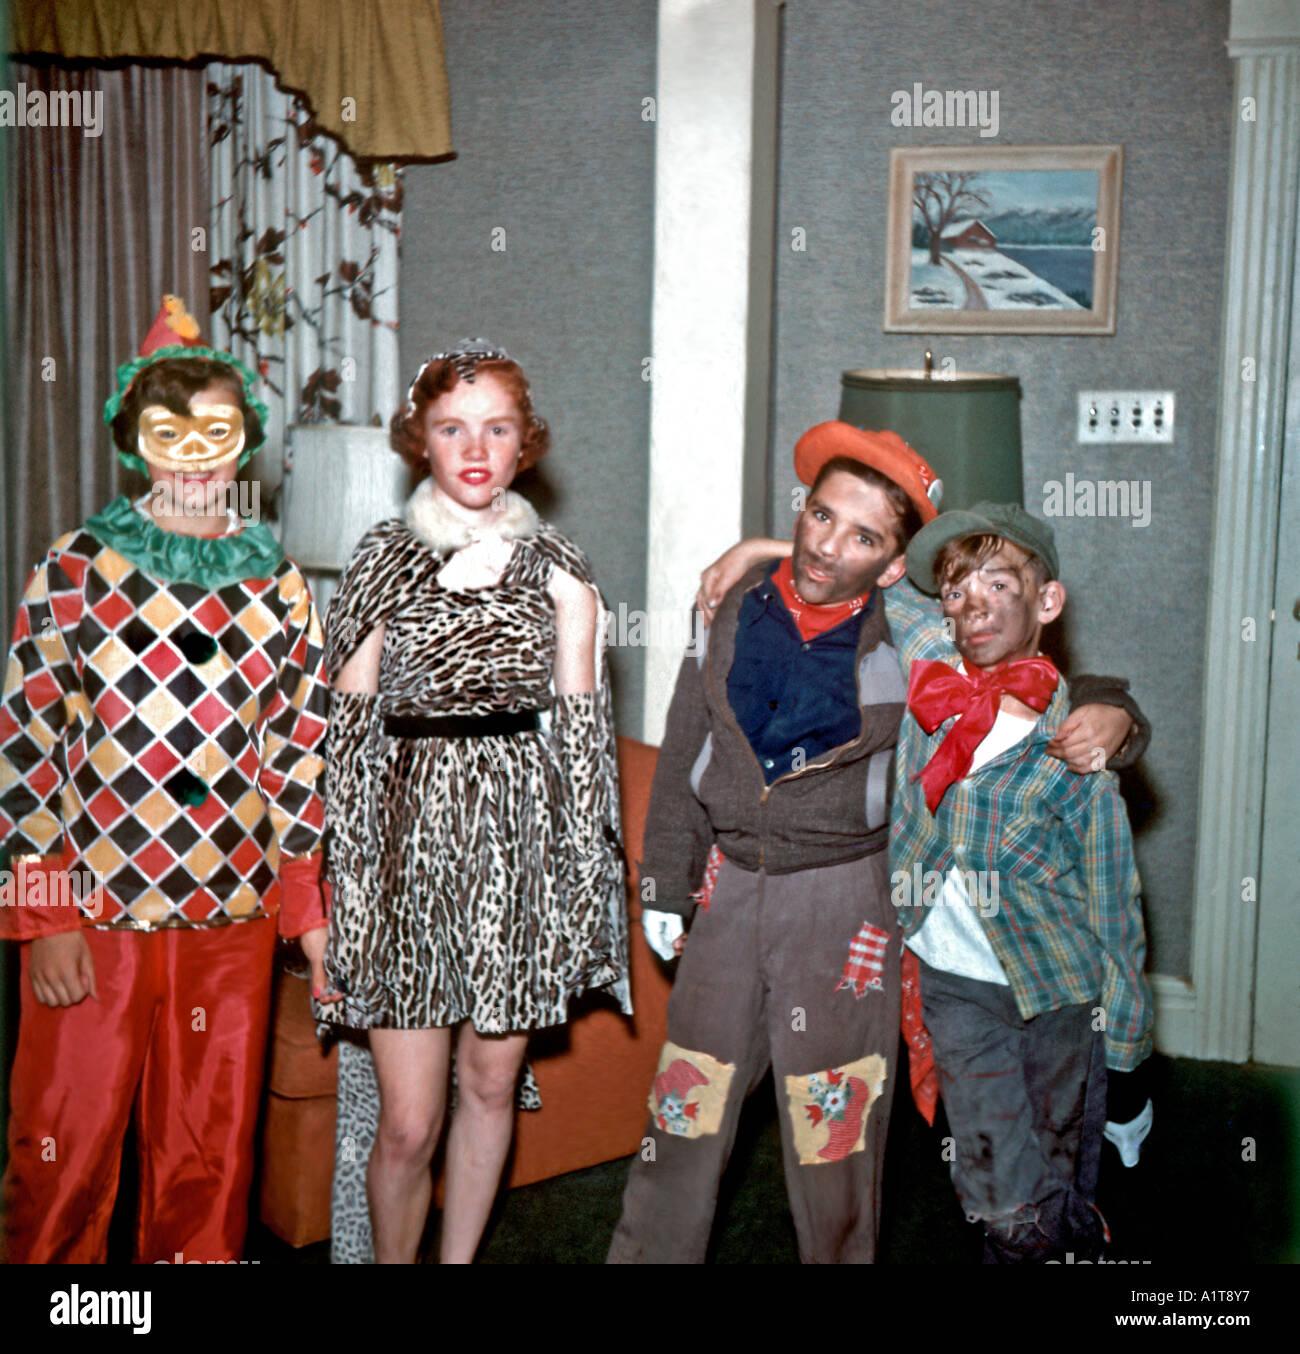 USA 1950 Halloween Portrait de groupe, avec les jeunes adolescents habillés vintage photo, Photo de famille, des images rétro, vieille photos de famille Photo Stock